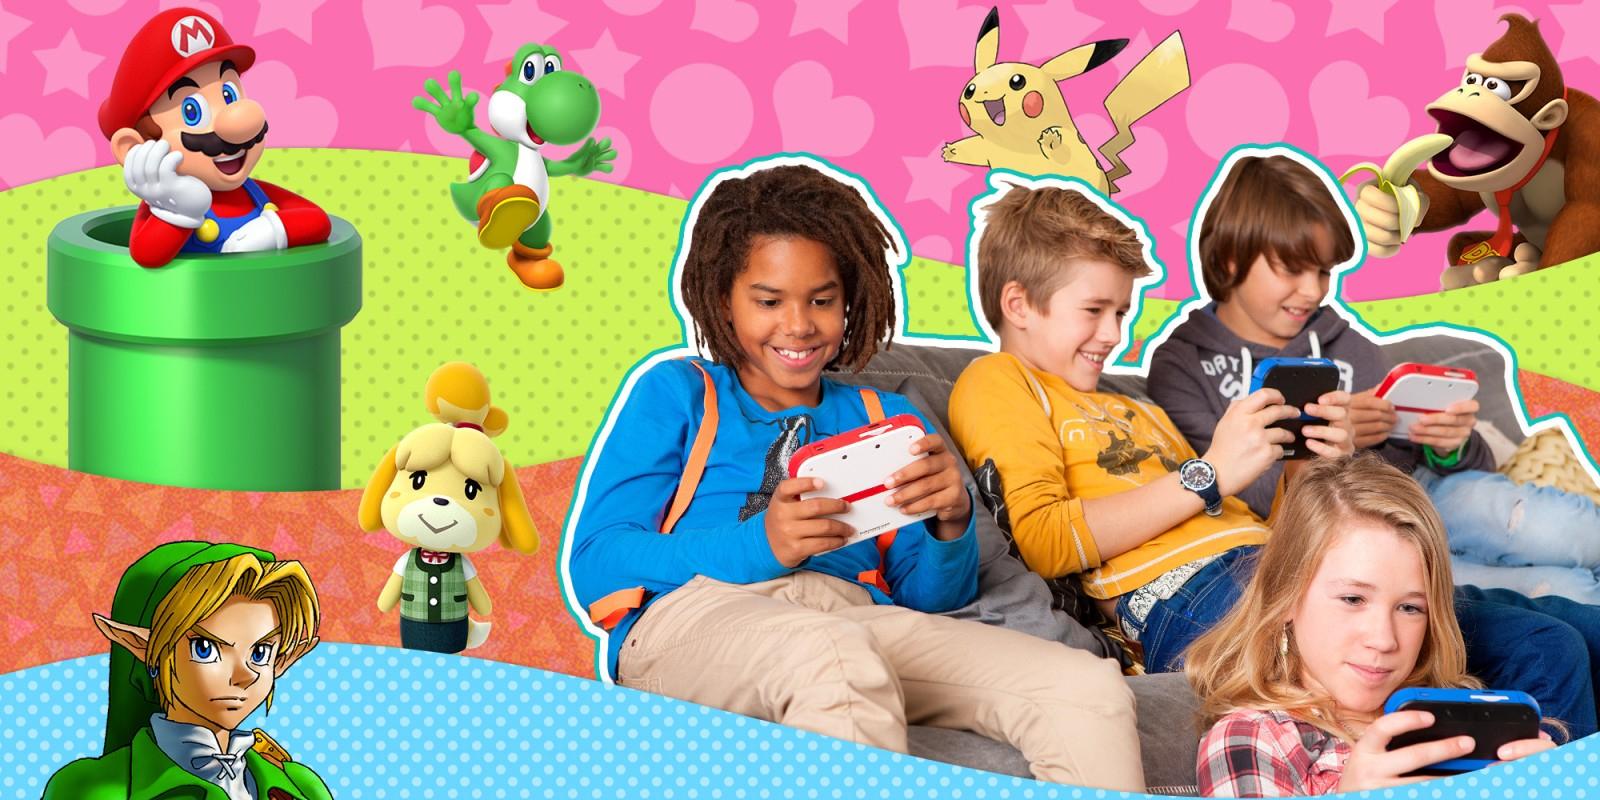 Jeux Nintendo Pour Les Enfants | Nintendo à Jeux Pour Jeunes Enfants